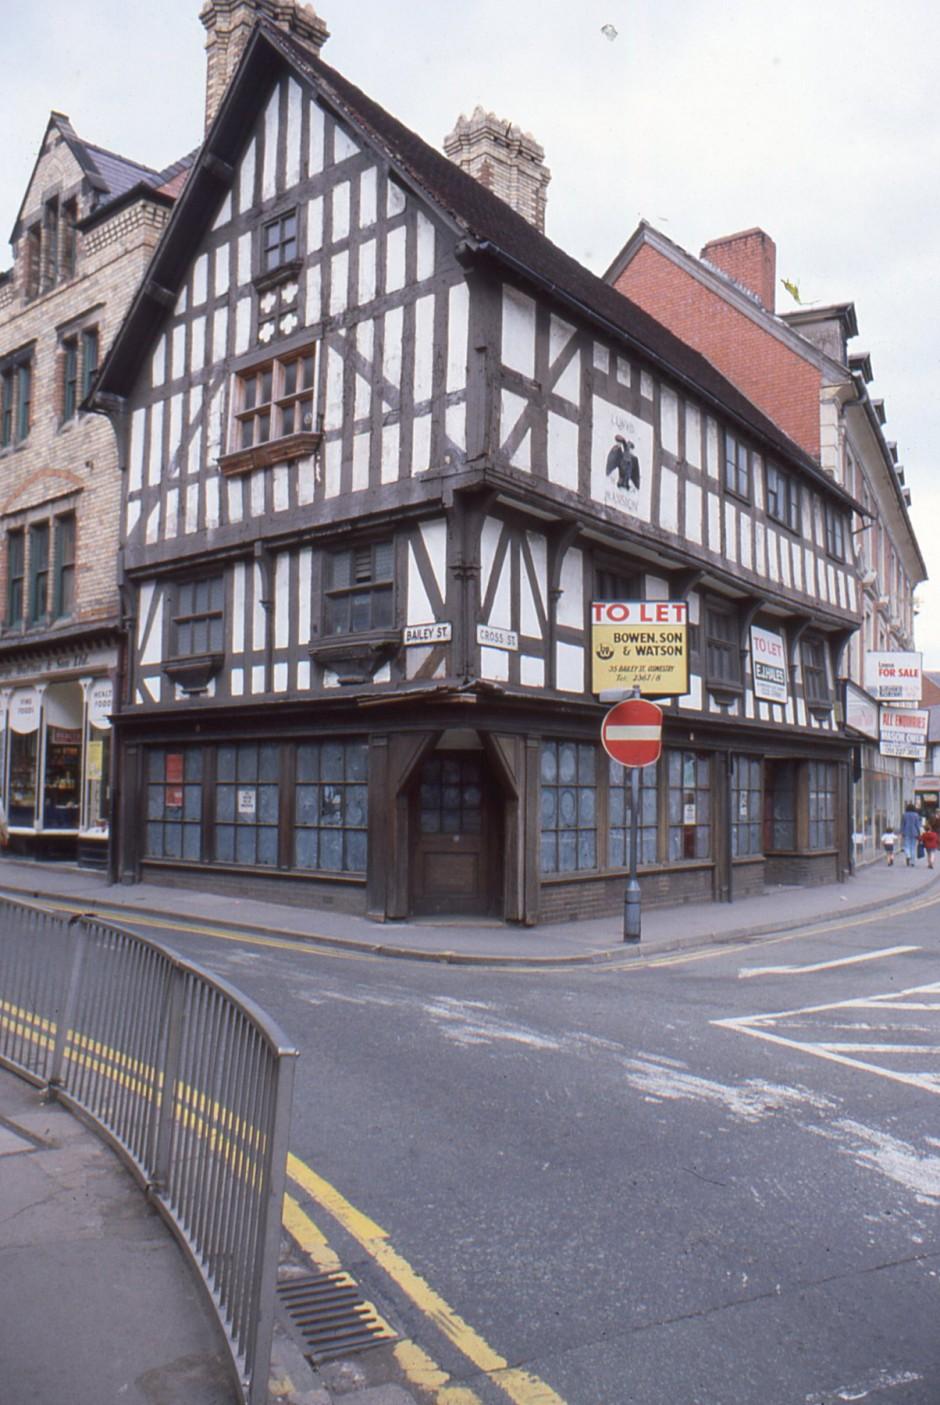 SL-O-5-7-6 Oswestry - Llwyd Mansion - Cross St & Bailey St